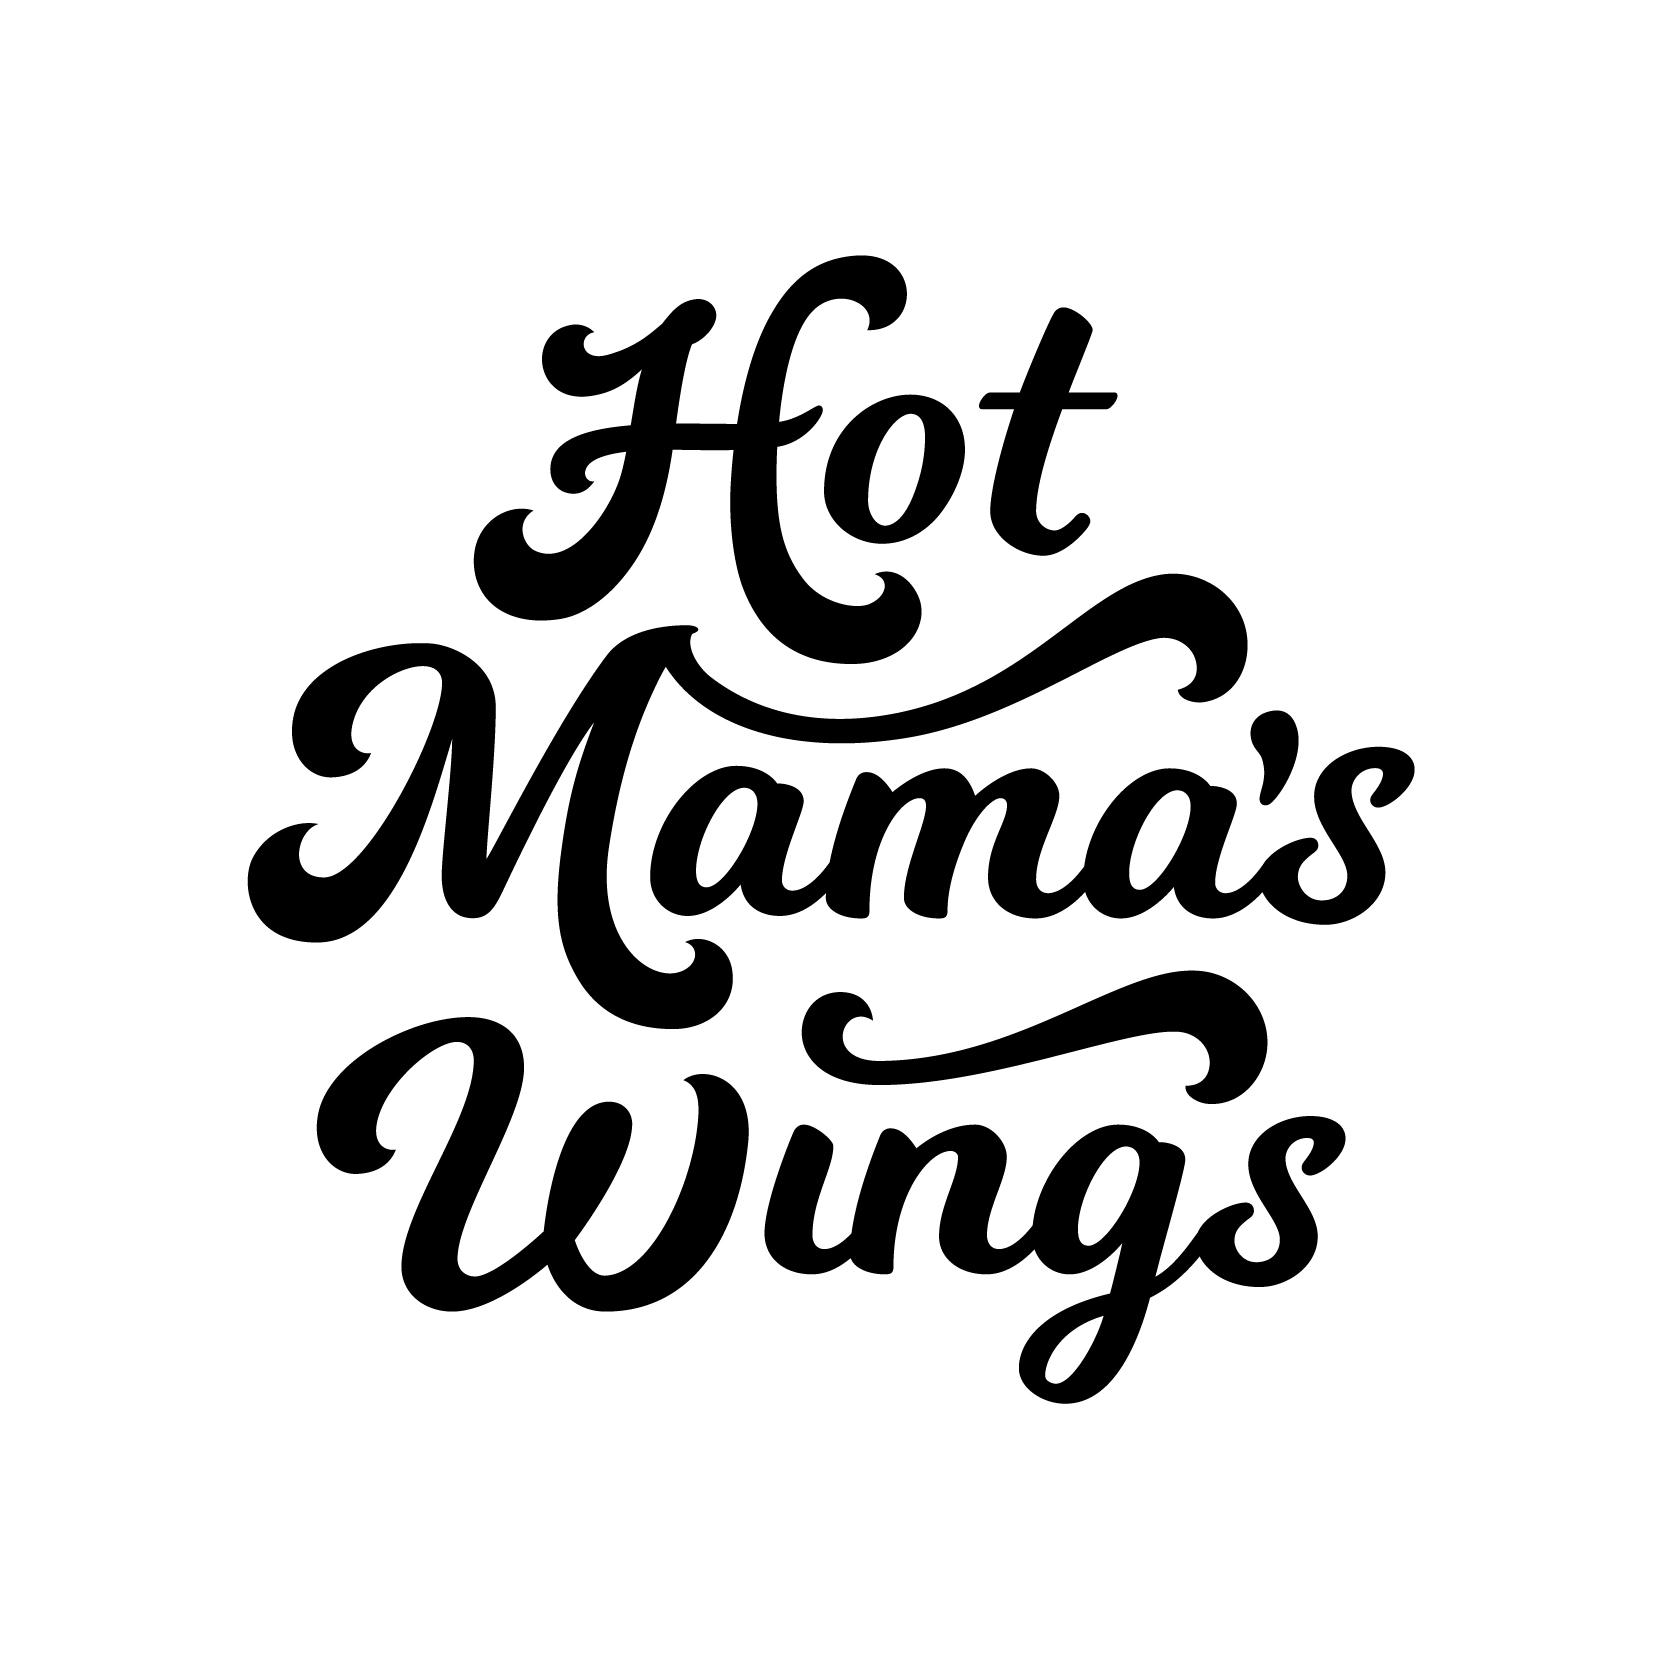 Hot-Mama-s-wings.jpg